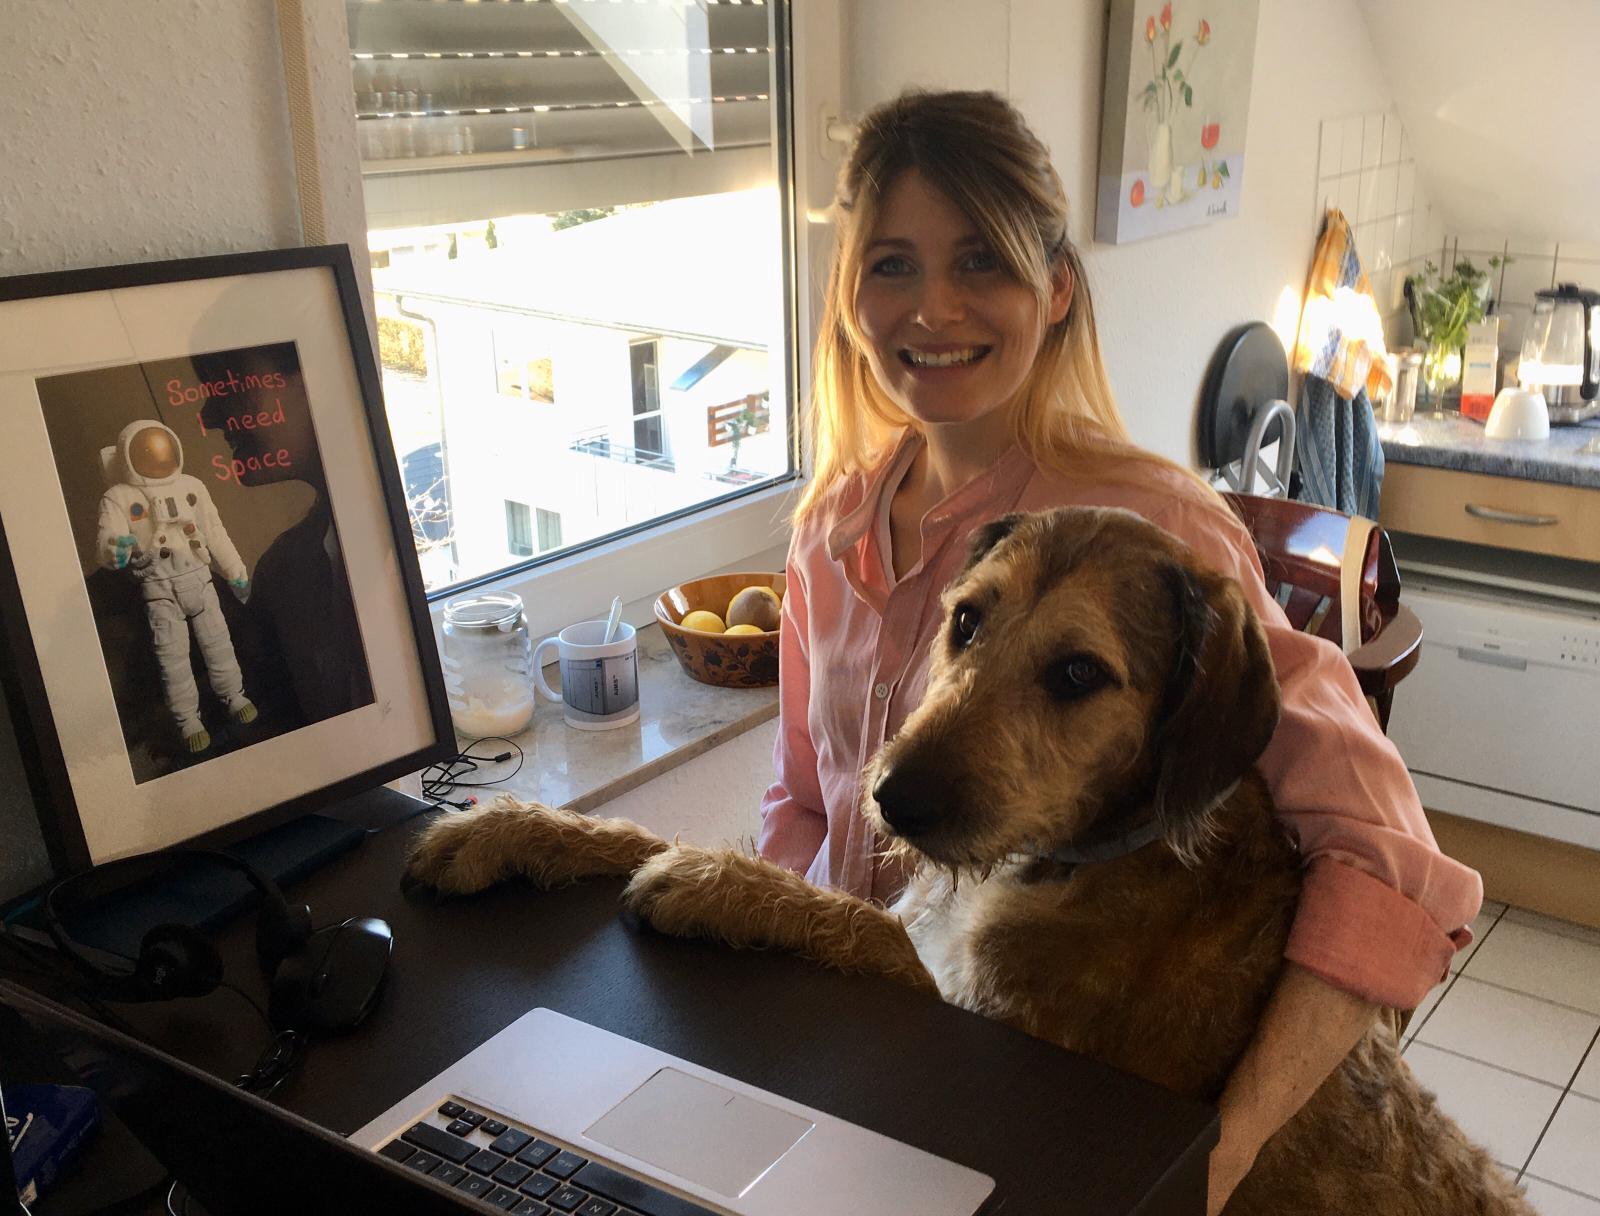 Manchmal lassen mich Bilder aus dem Homeoffice von Mitarbeitern sogar kurz Schmunzeln. Wie dieses Foto von Produkt- und Online Marketing Managerin Julia und ihrem Hund Tayo.